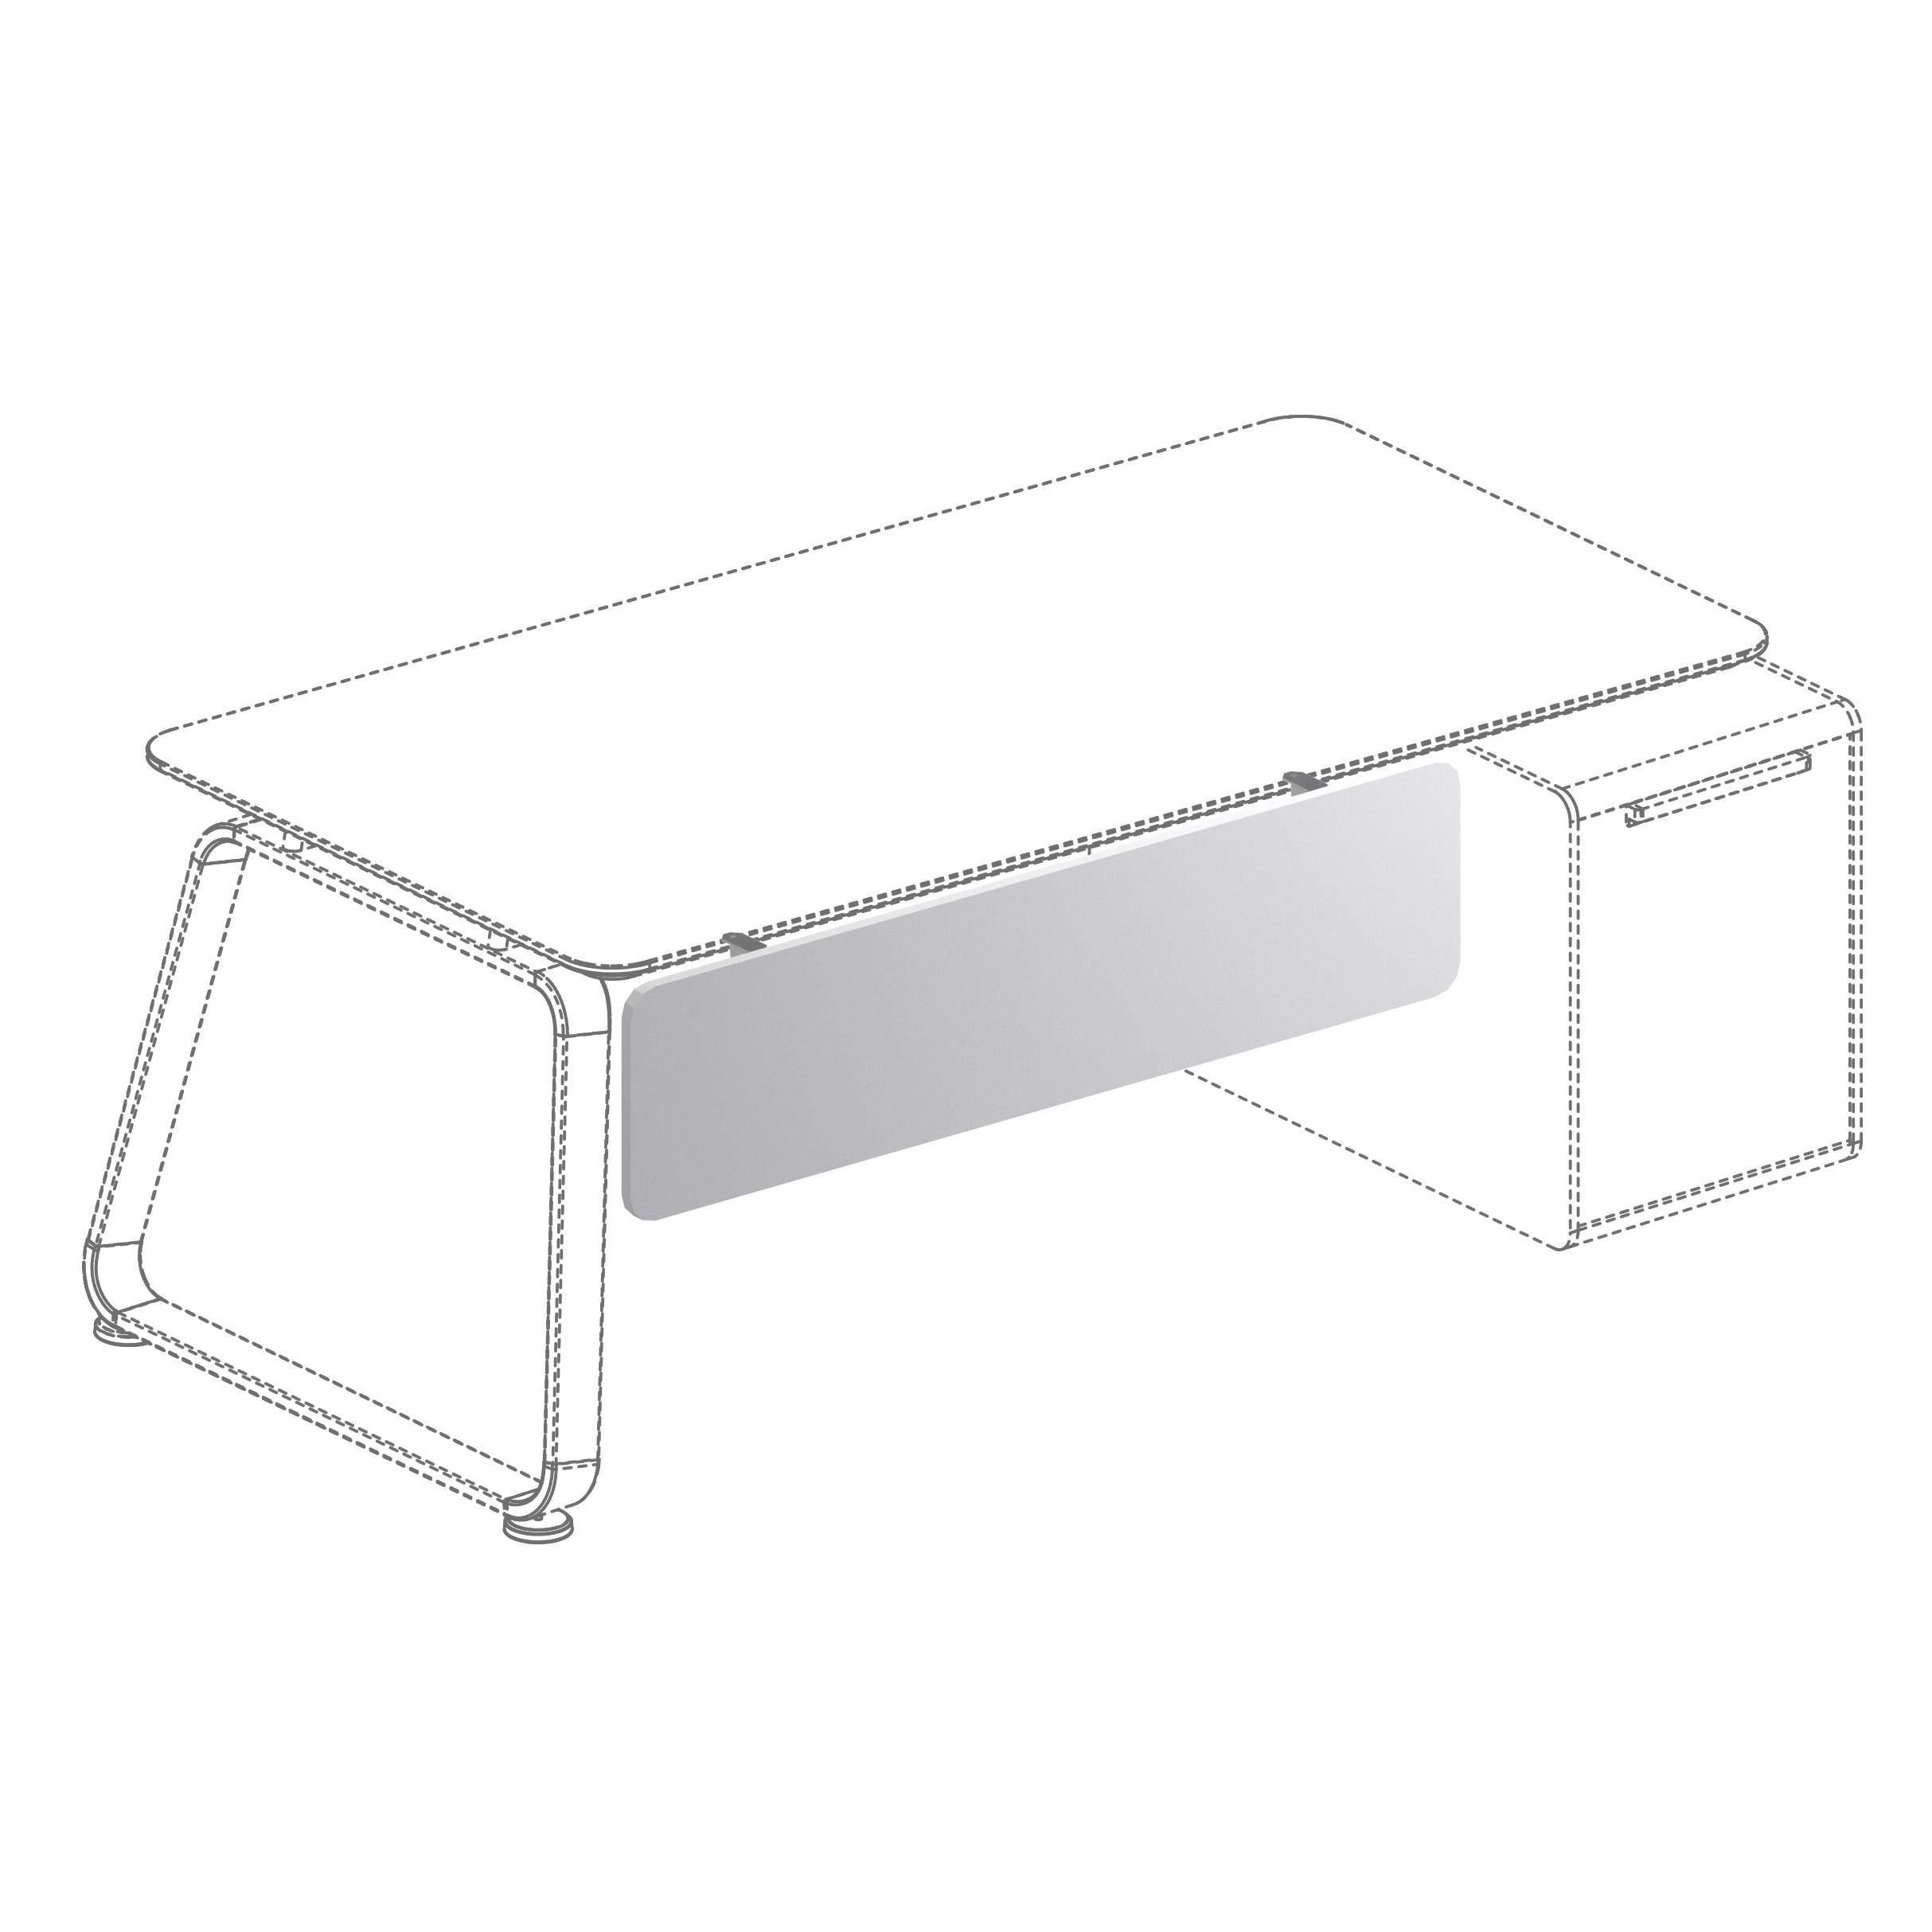 Фронтальная панель к столу на опорной тумбе 1243x18x300